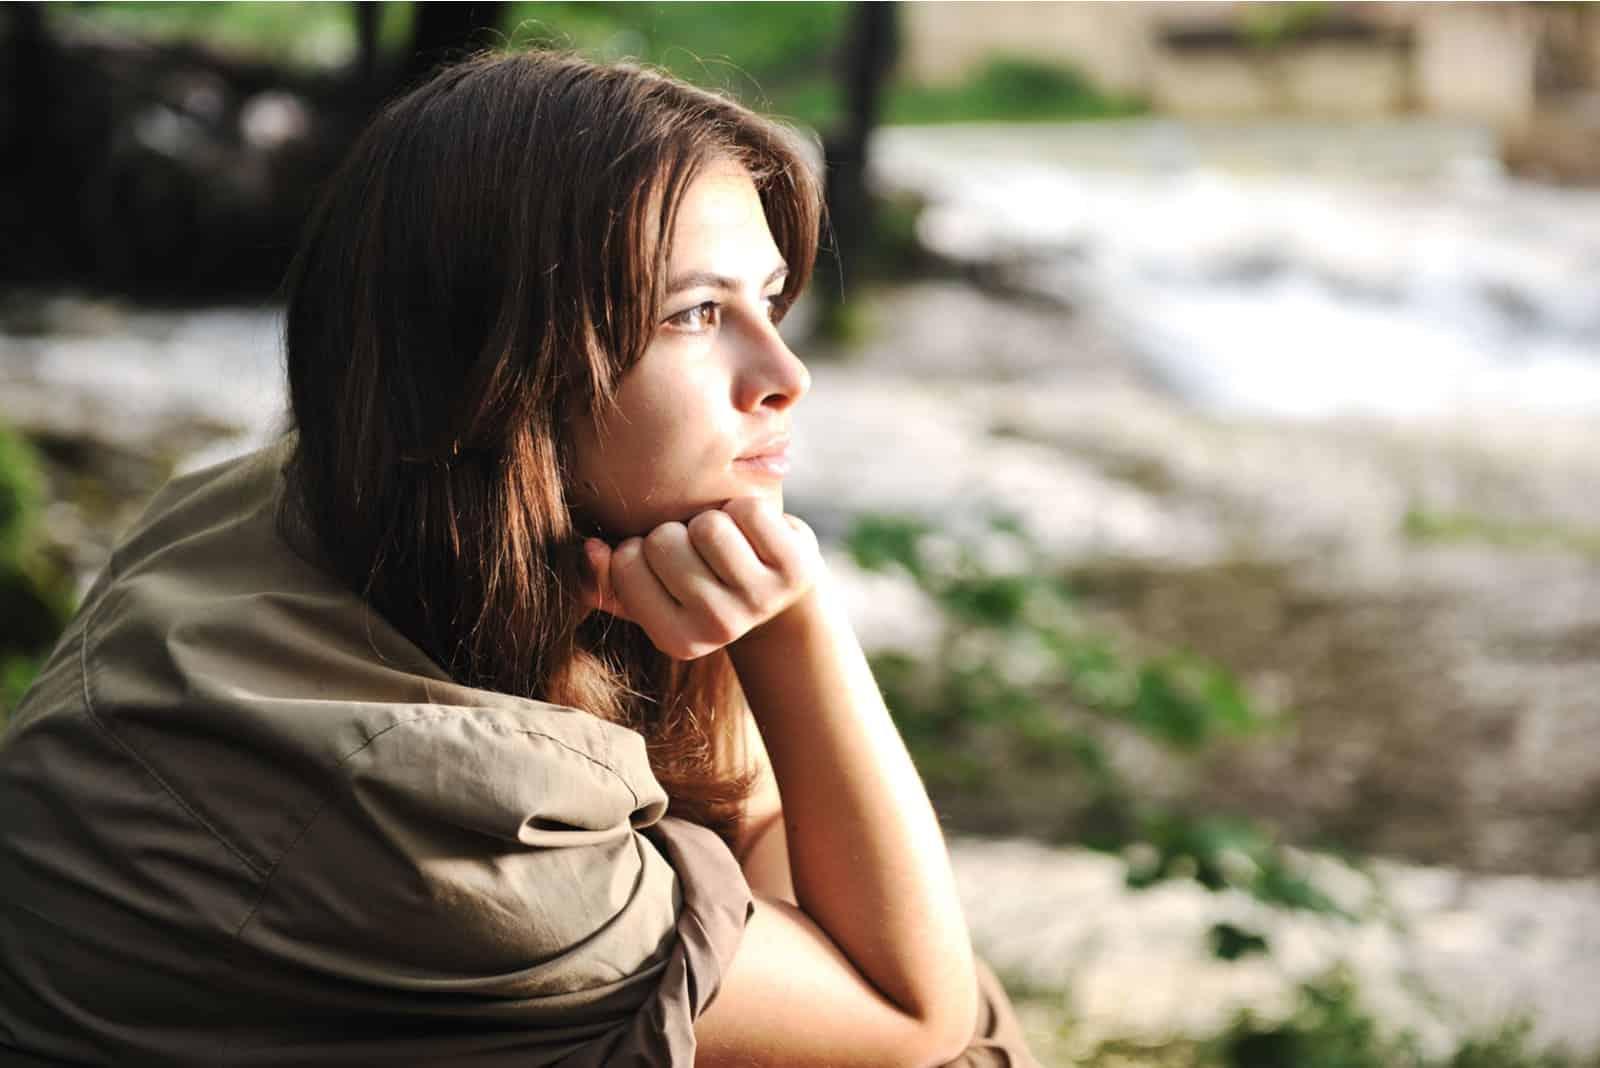 einsame nachdenkliche Frau, die alleine in der Natur sitzt